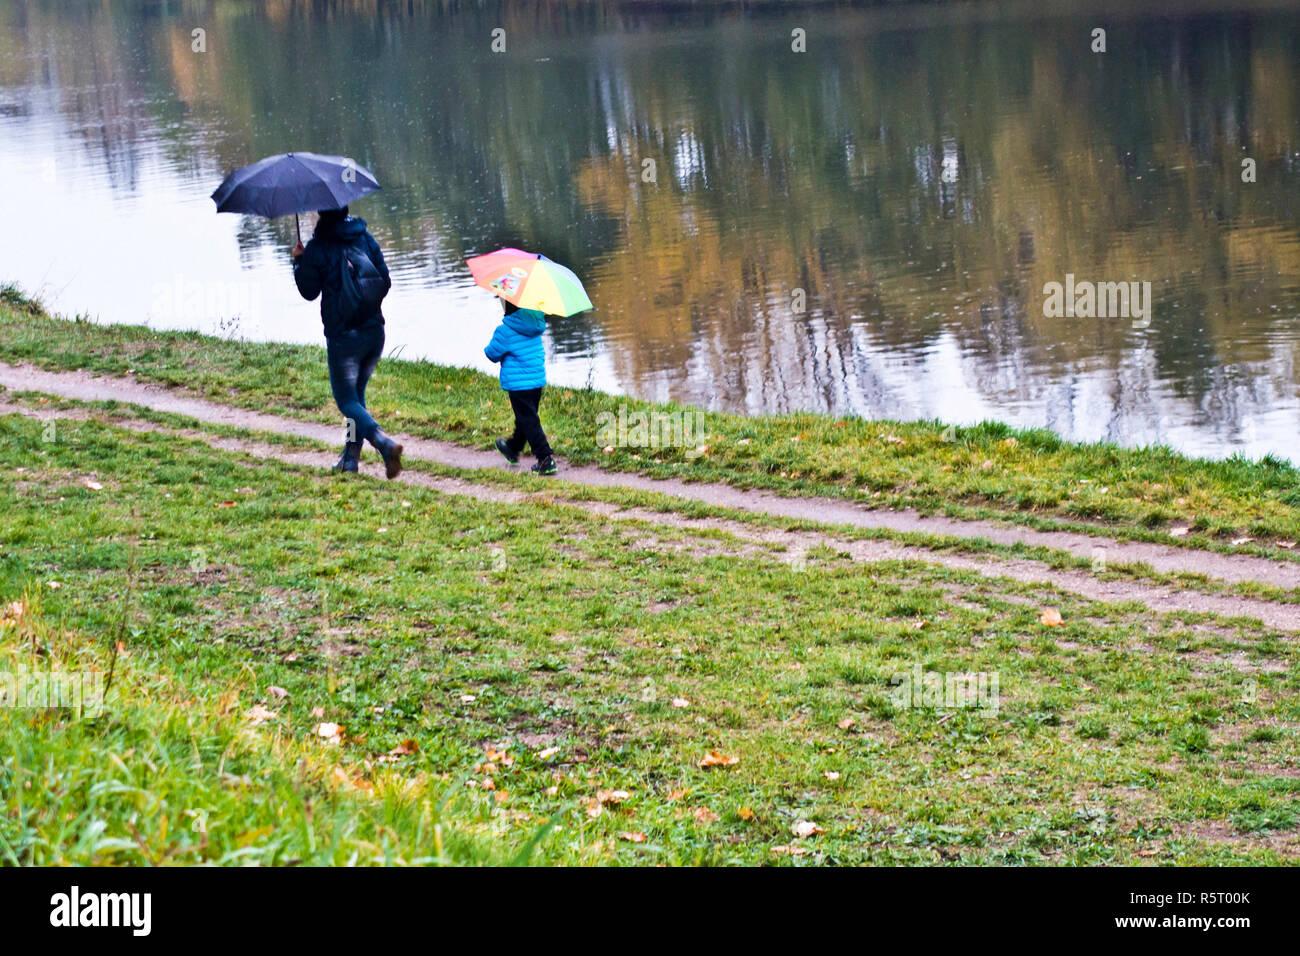 Mutter mit Kind zu Fuß entlang eines Flusses mit Sonnenschirmen an einem regnerischen Tag Stockbild